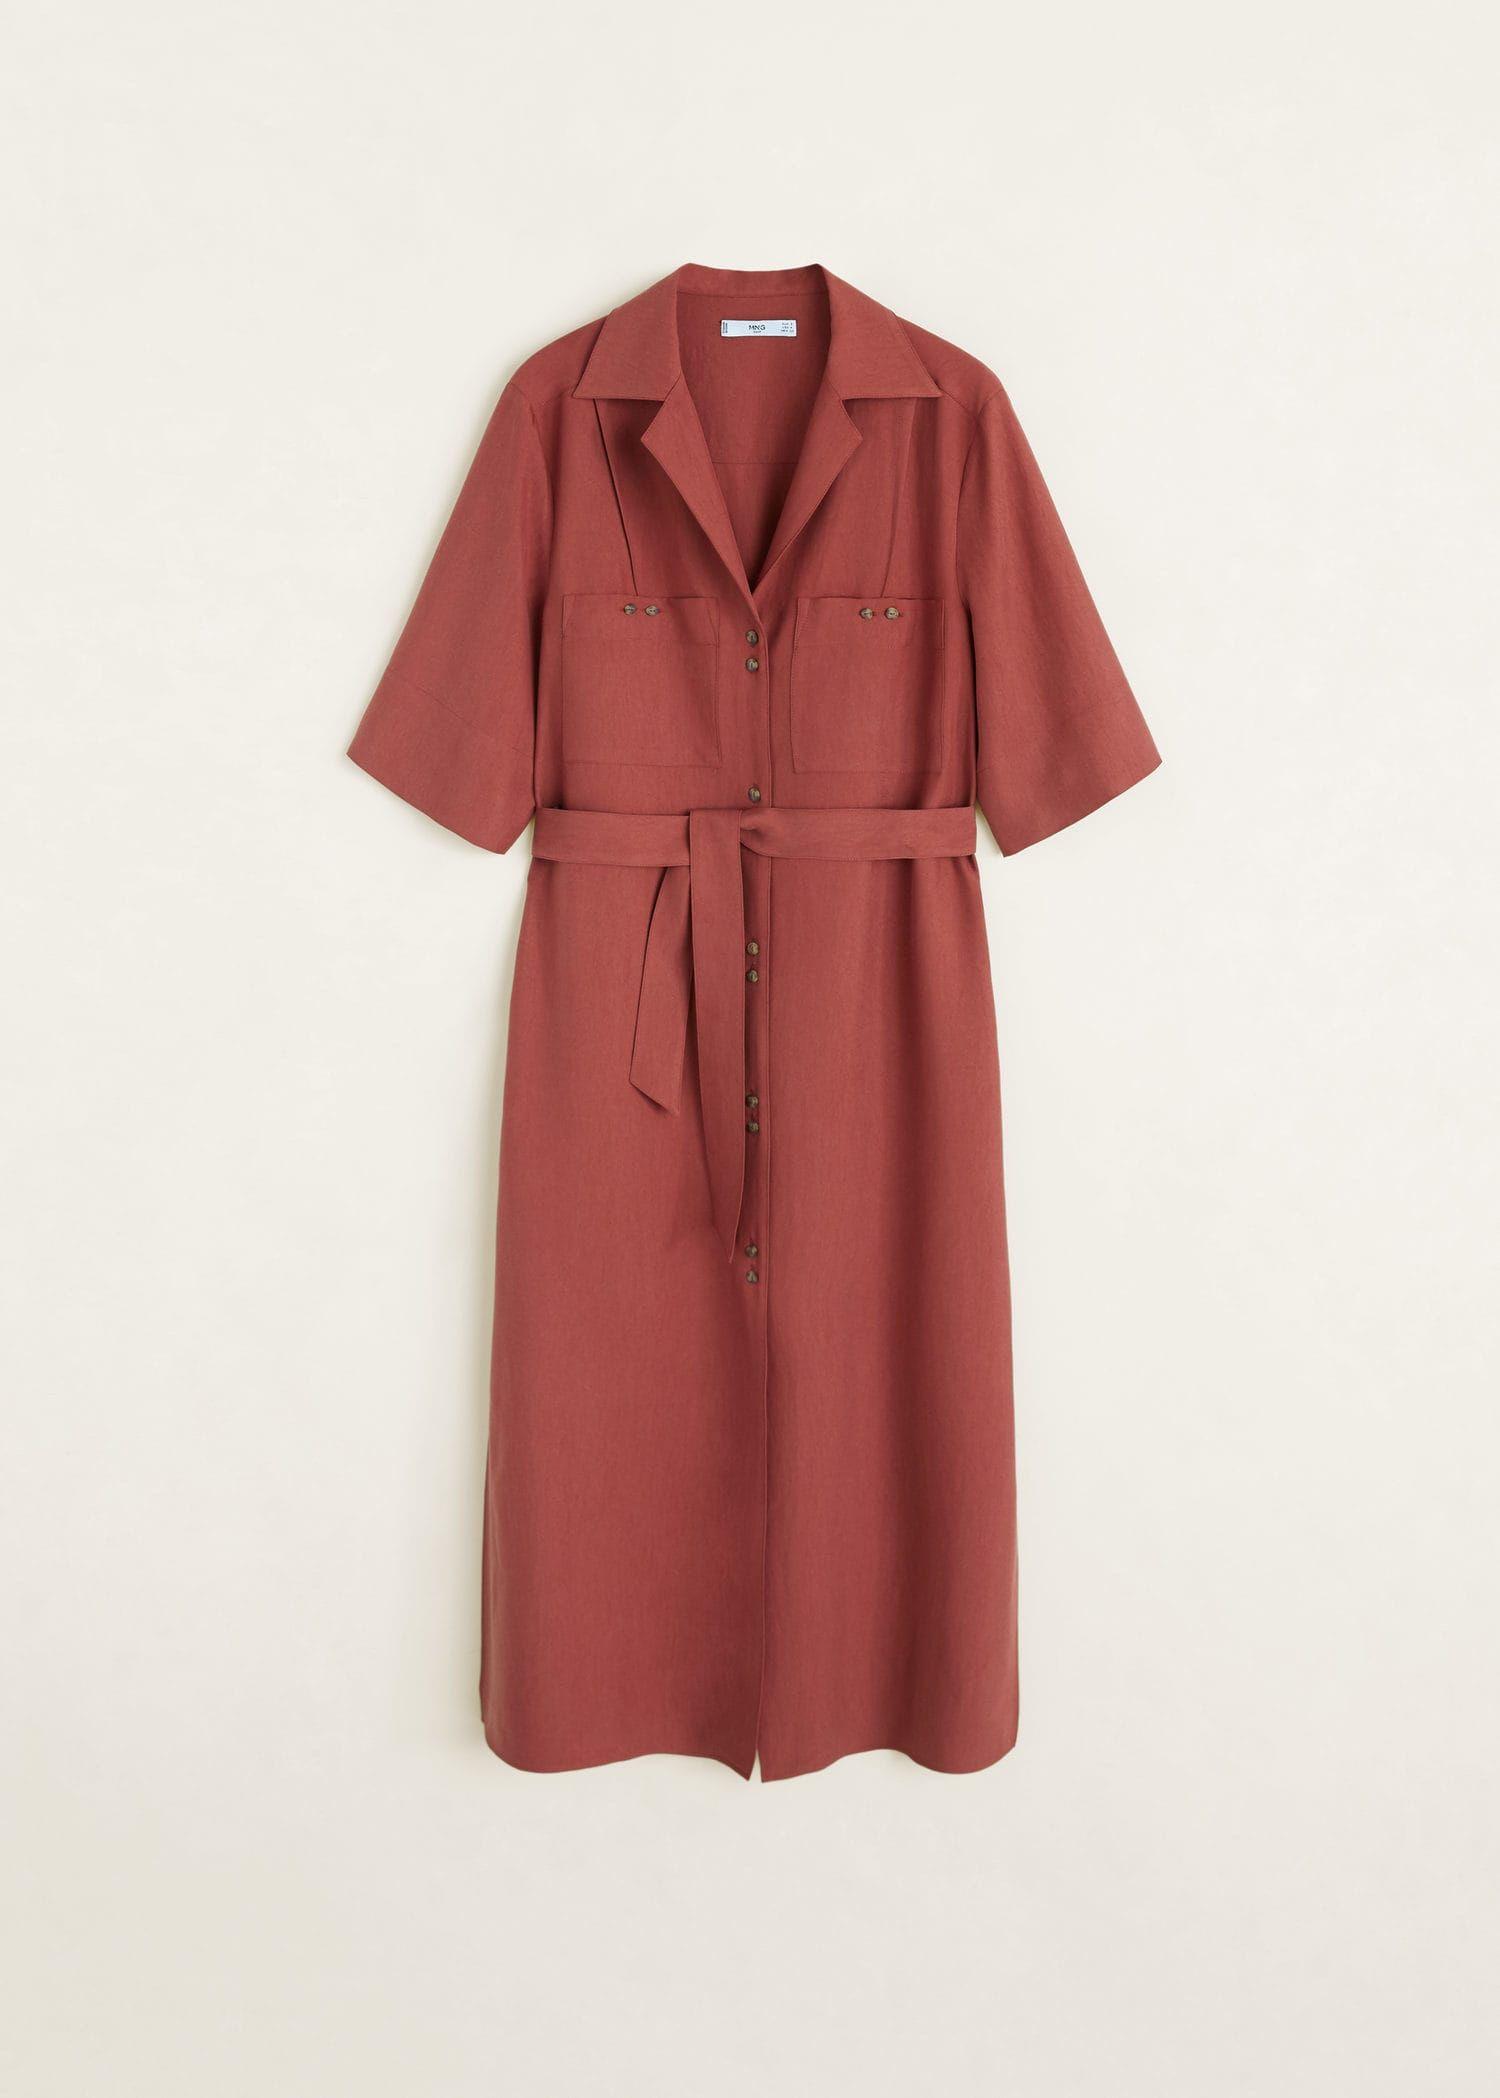 Vestido camiseiro de tecido suave Mulher | Camisa formal